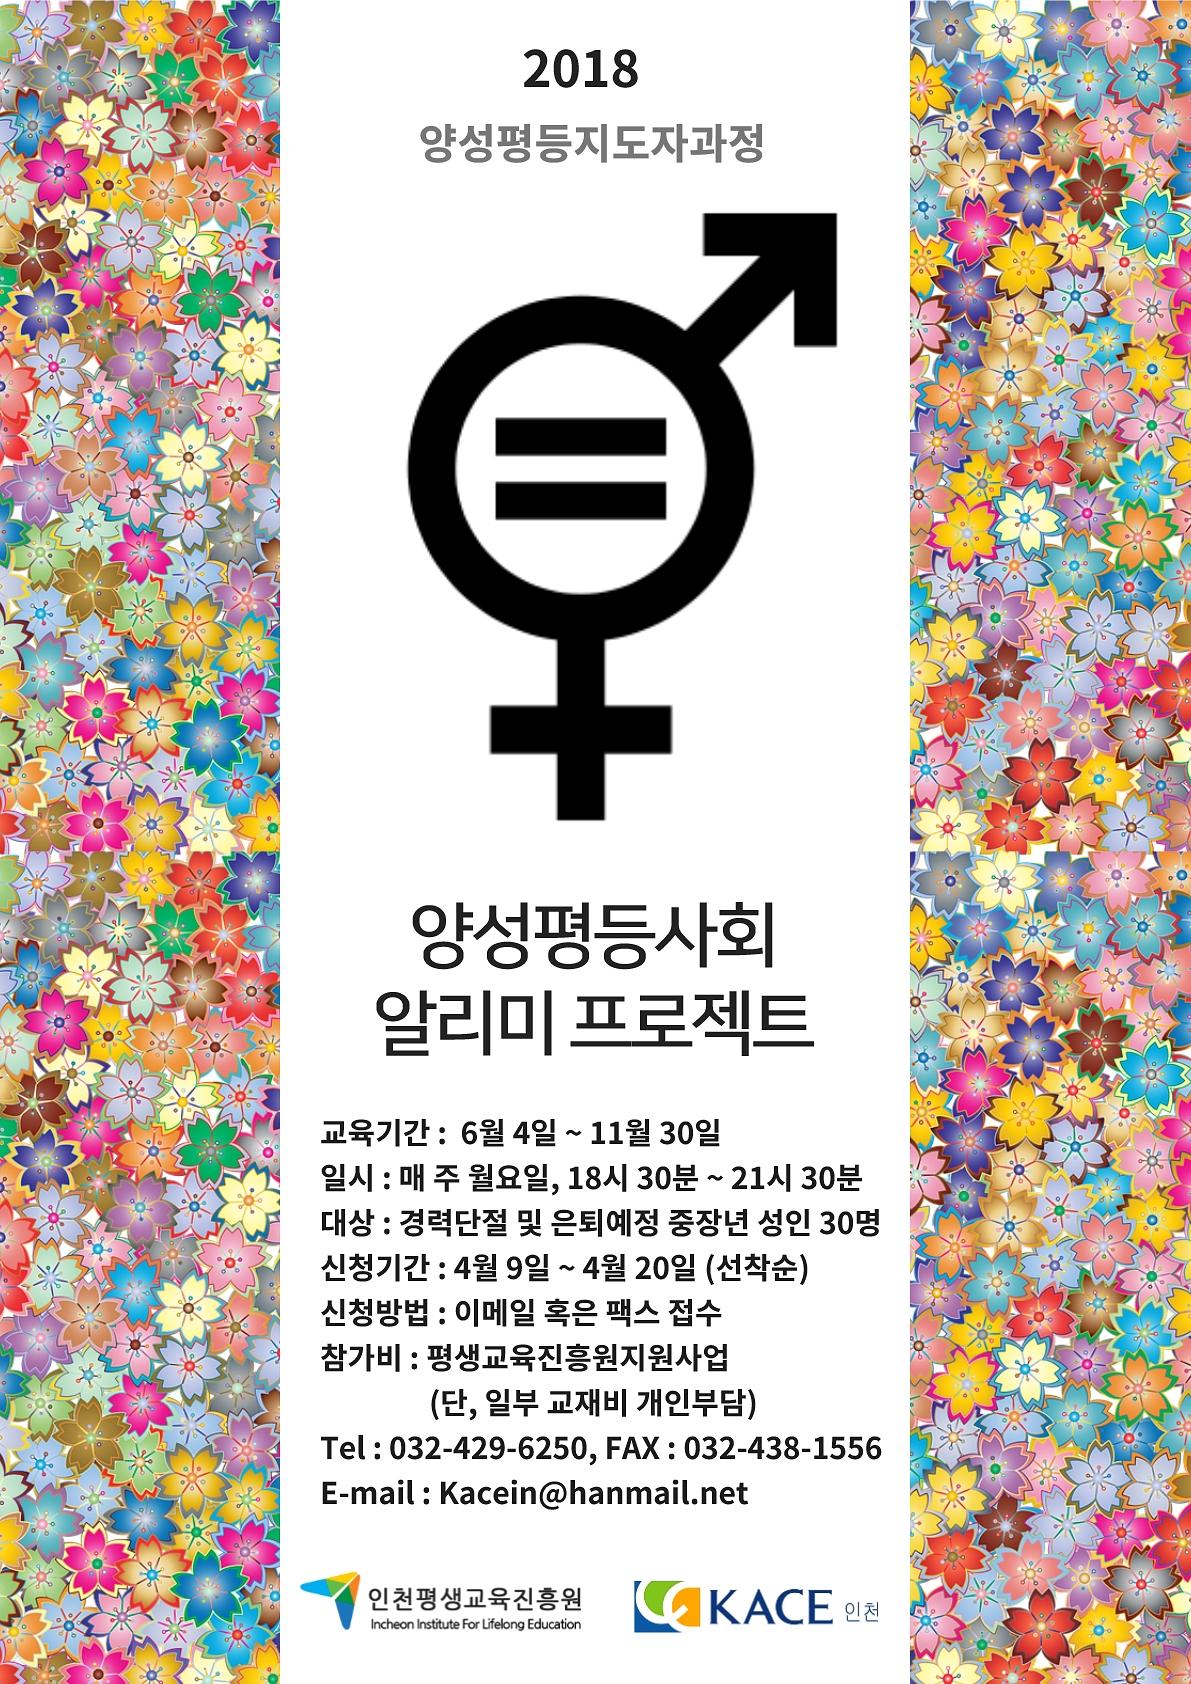 양성평등사회 알리미 프로젝트.jpg